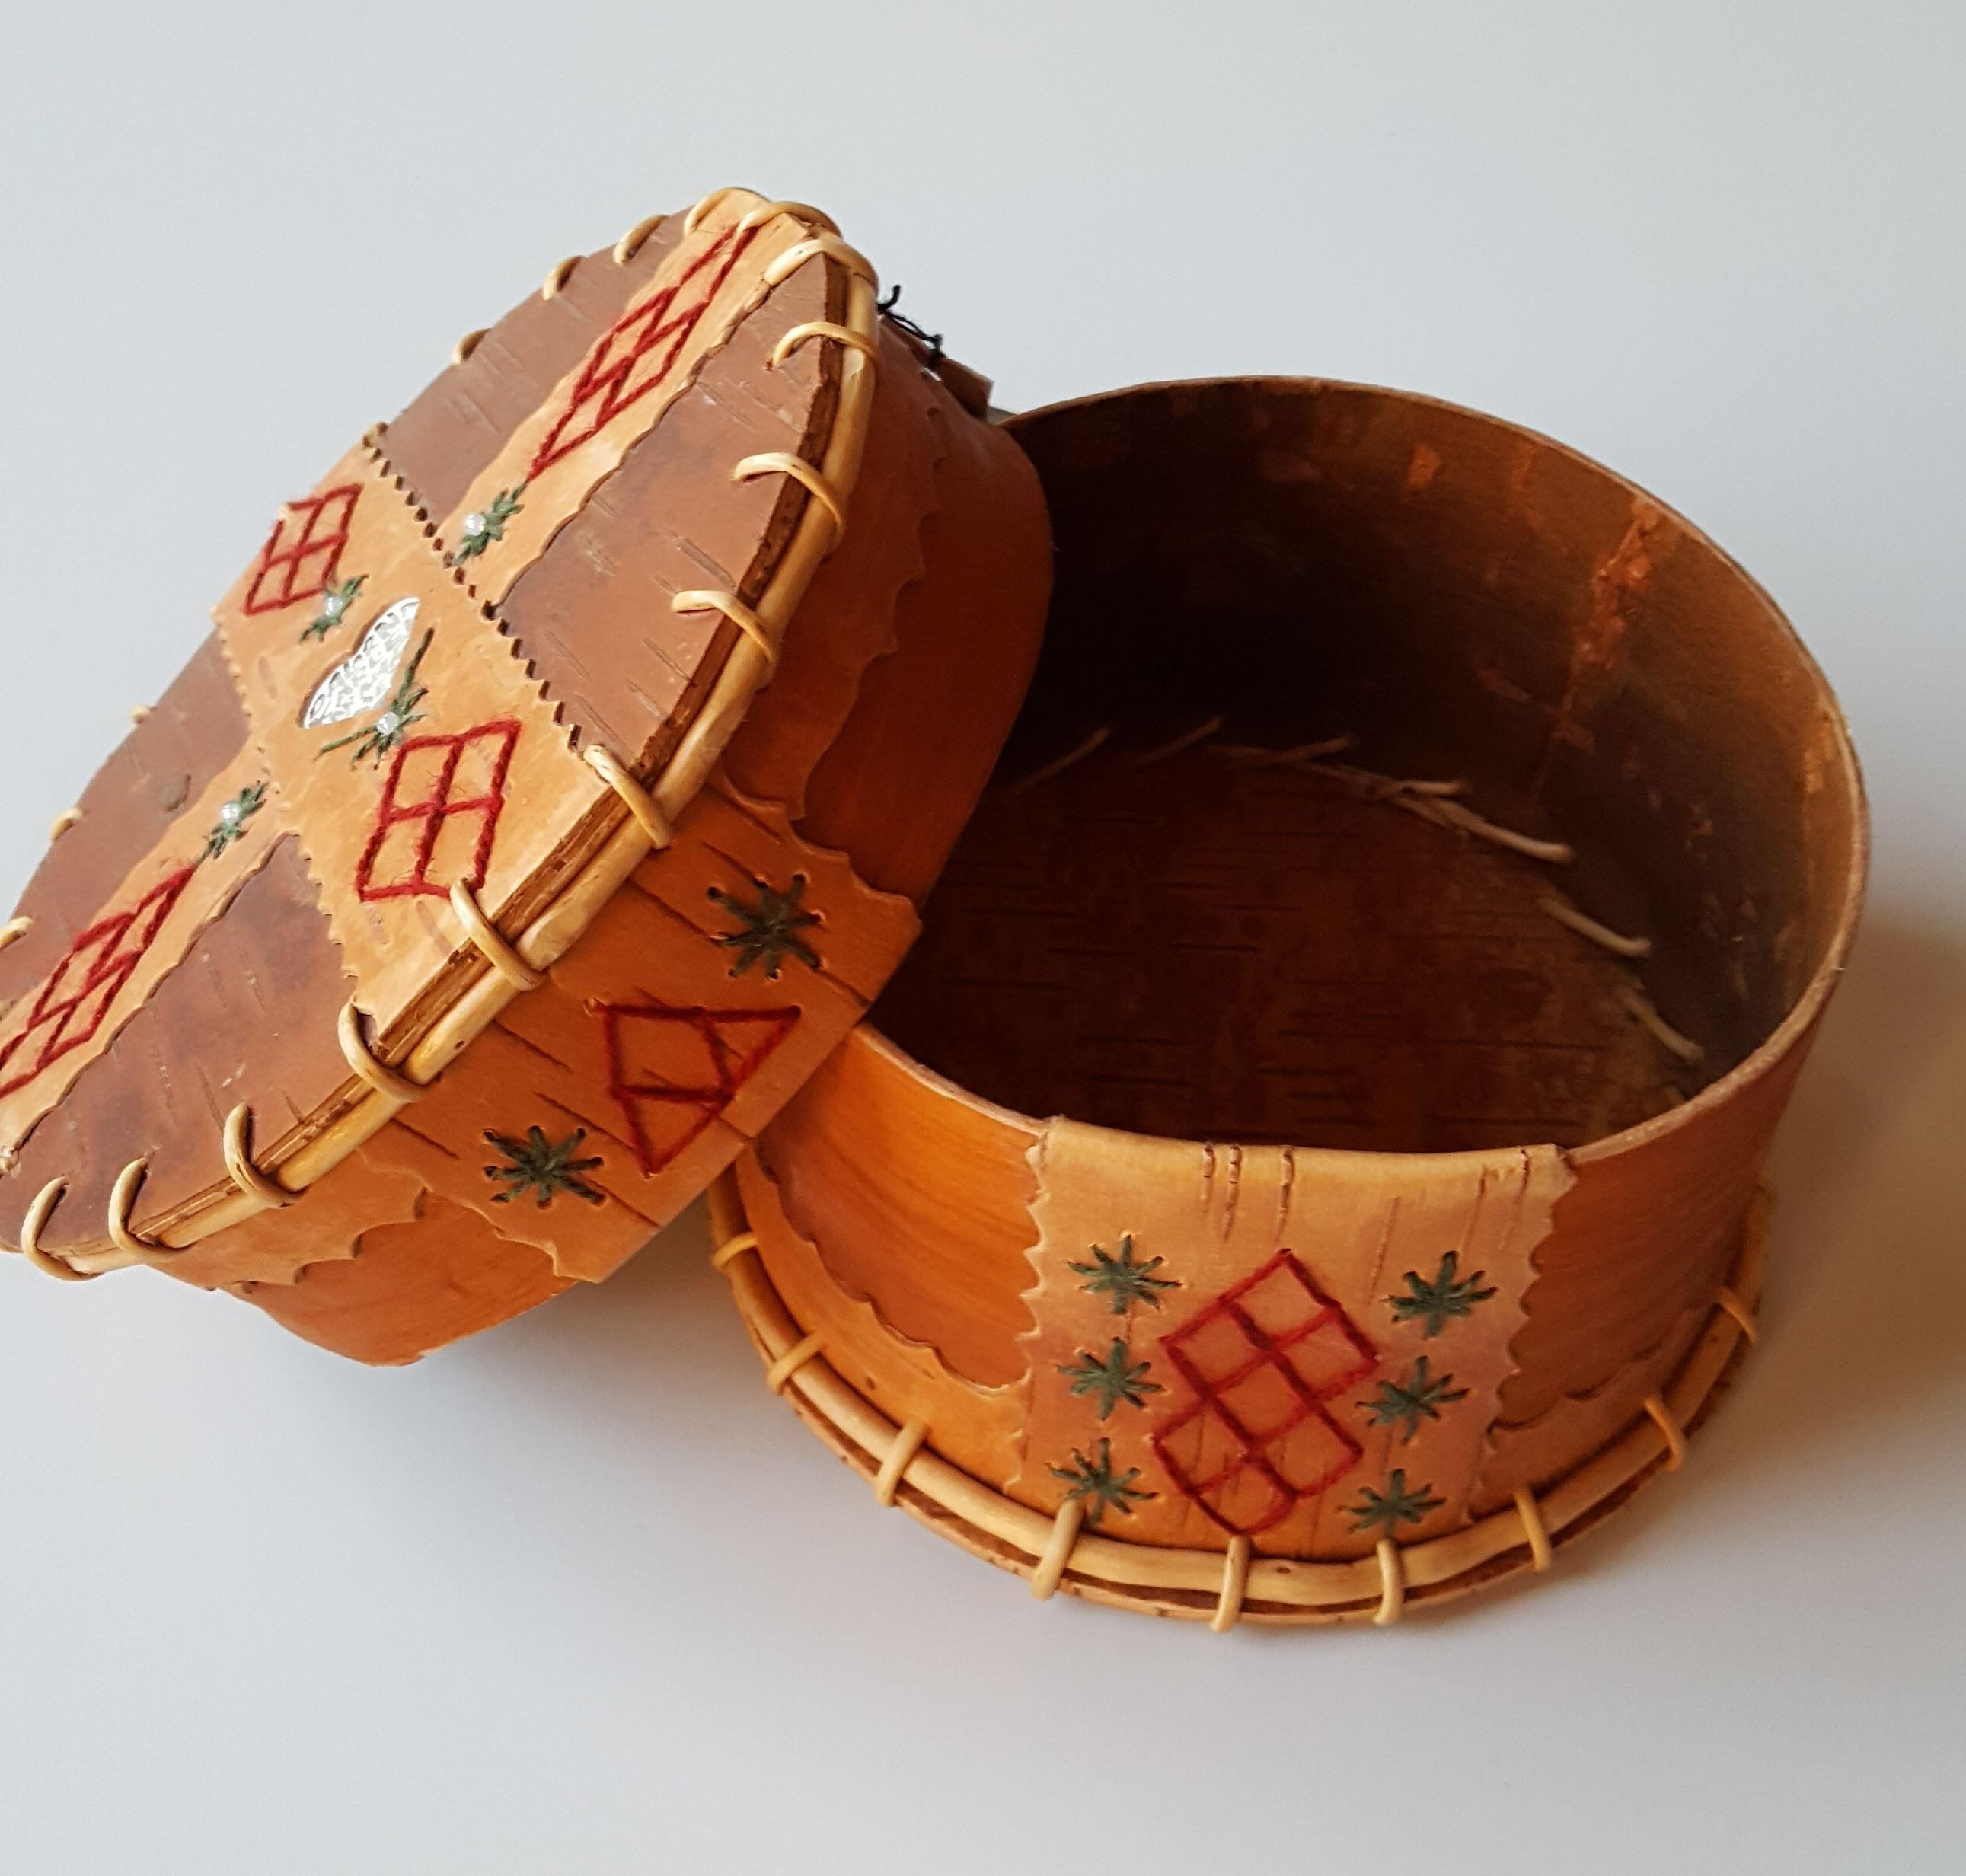 Eva-Lisa Krabbe, Ask av lönnbark med lock och dekorationer med rött och grönt garn, näver och rottrådar